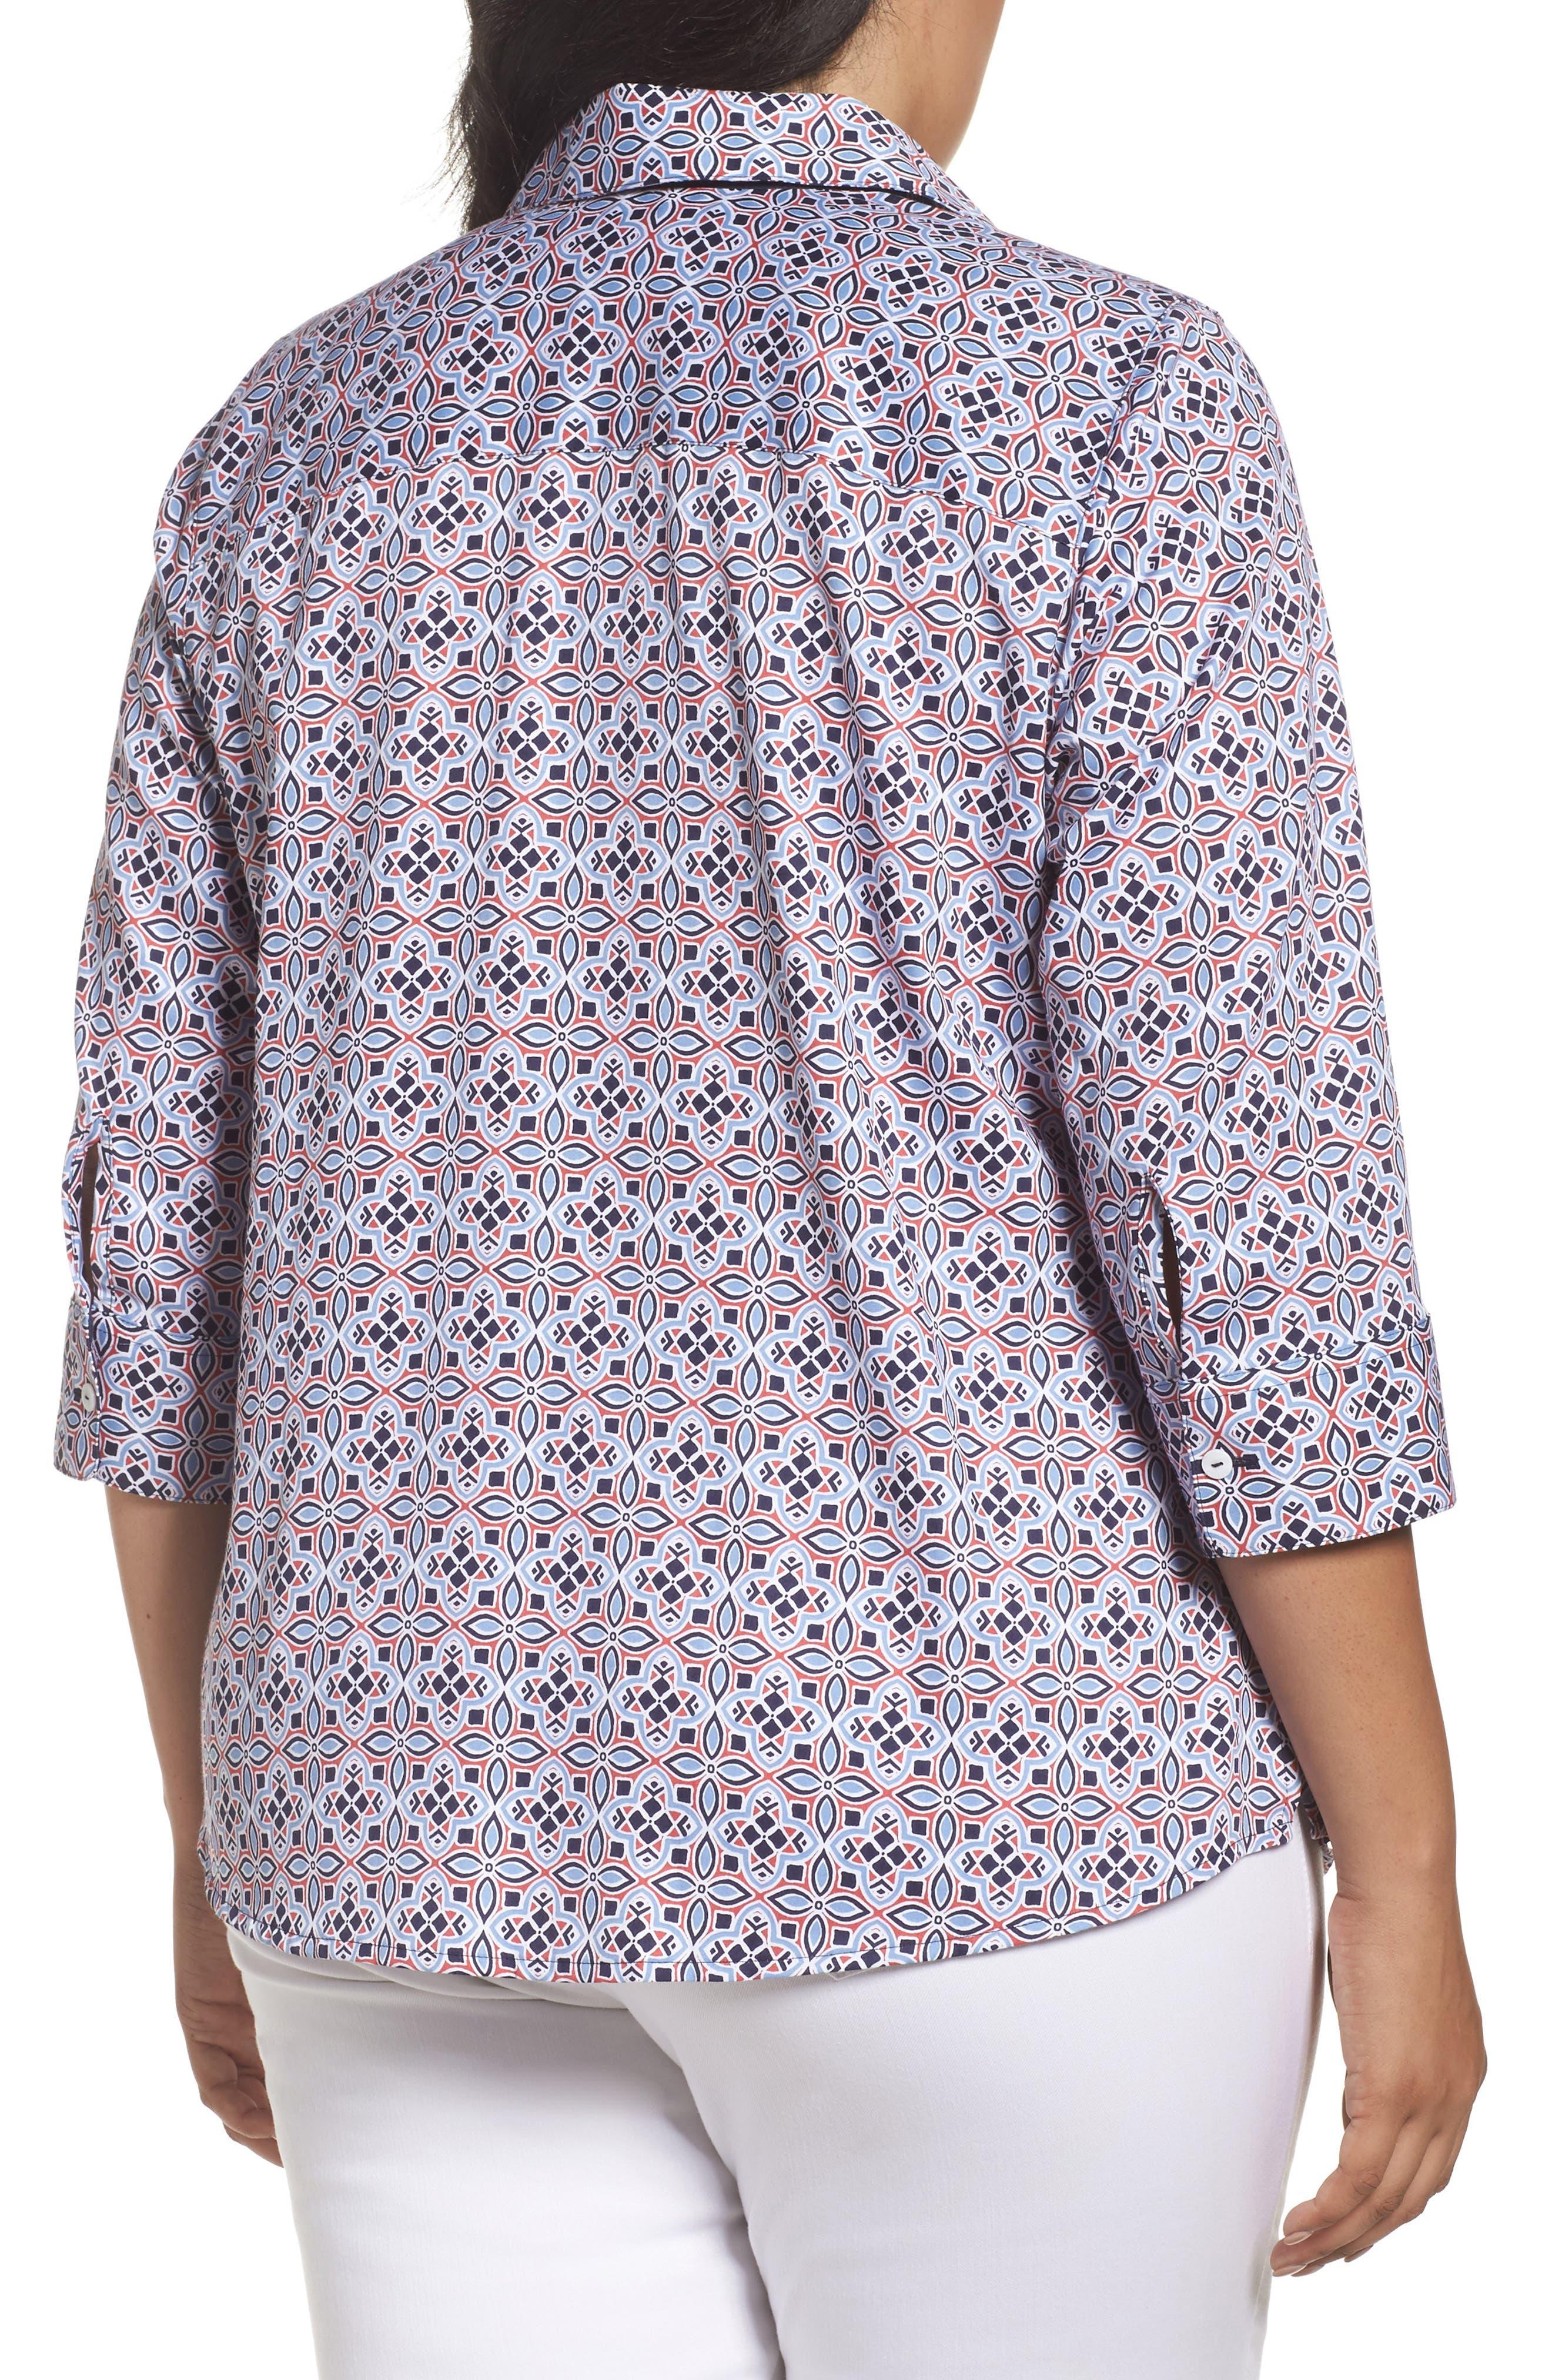 Alternate Image 2  - Foxcroft Ava Non-Iron Tile Print Cotton Shirt (Plus Size)